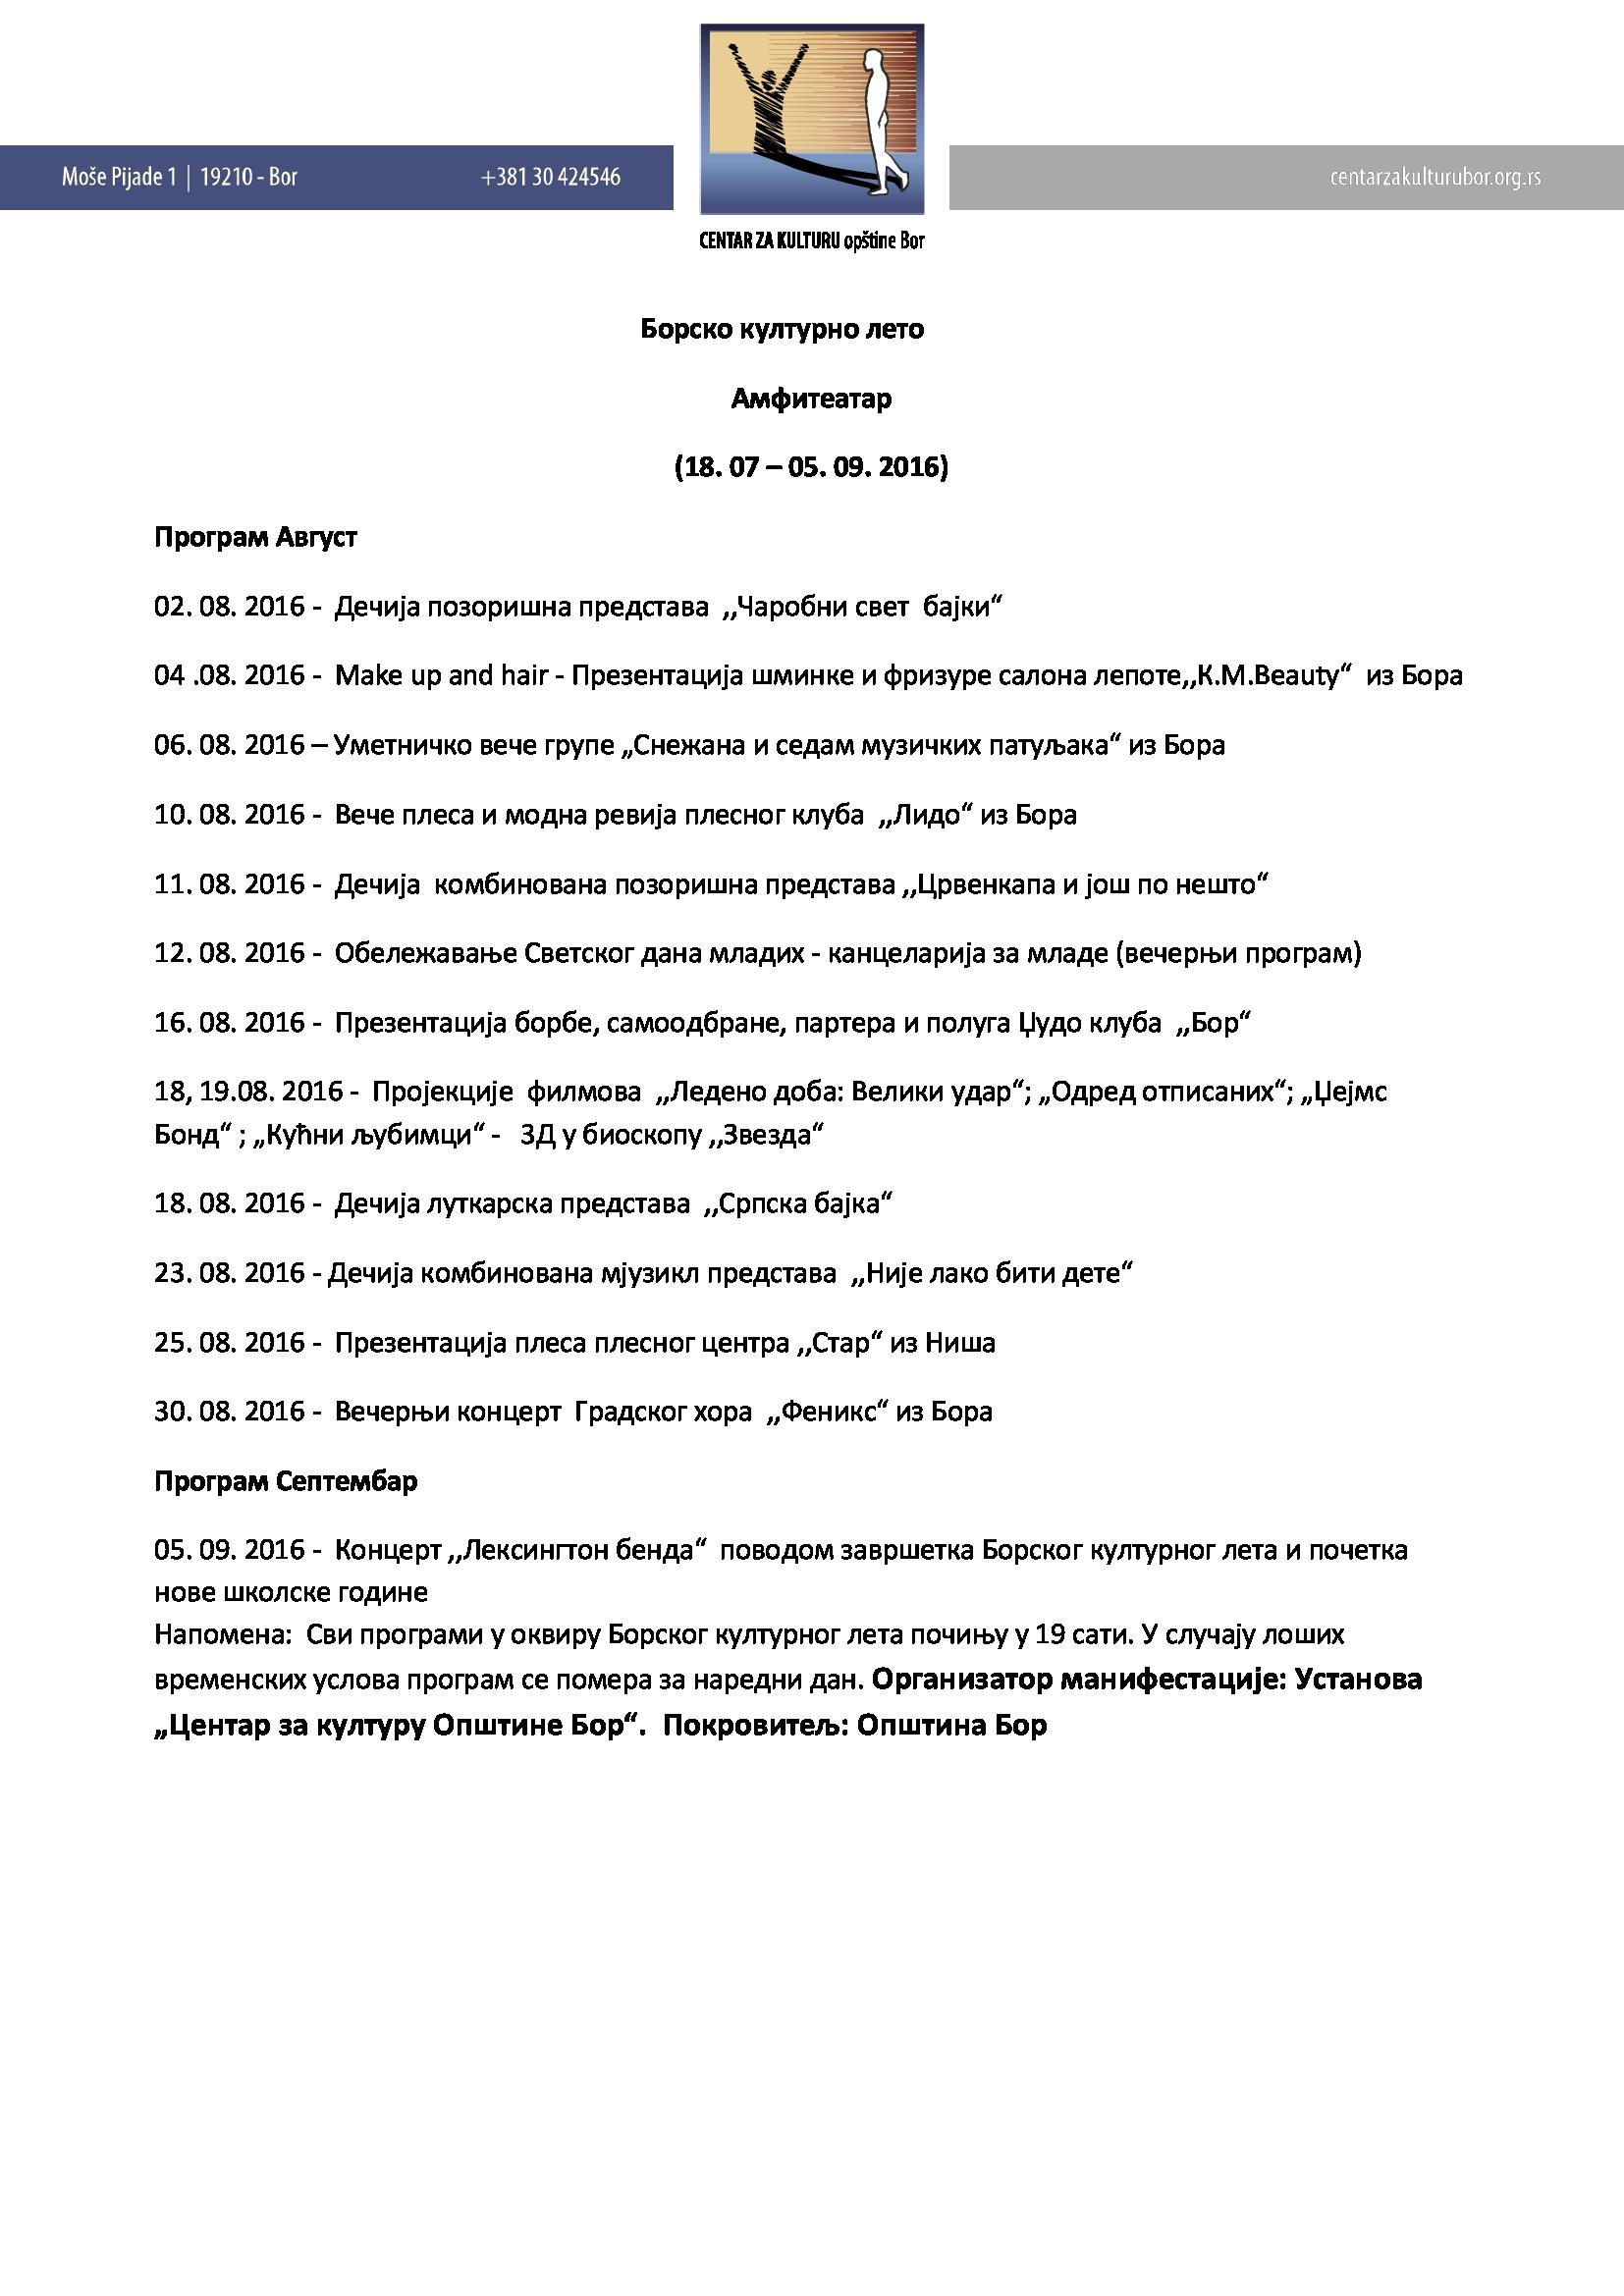 Борско-културно-лето-2016